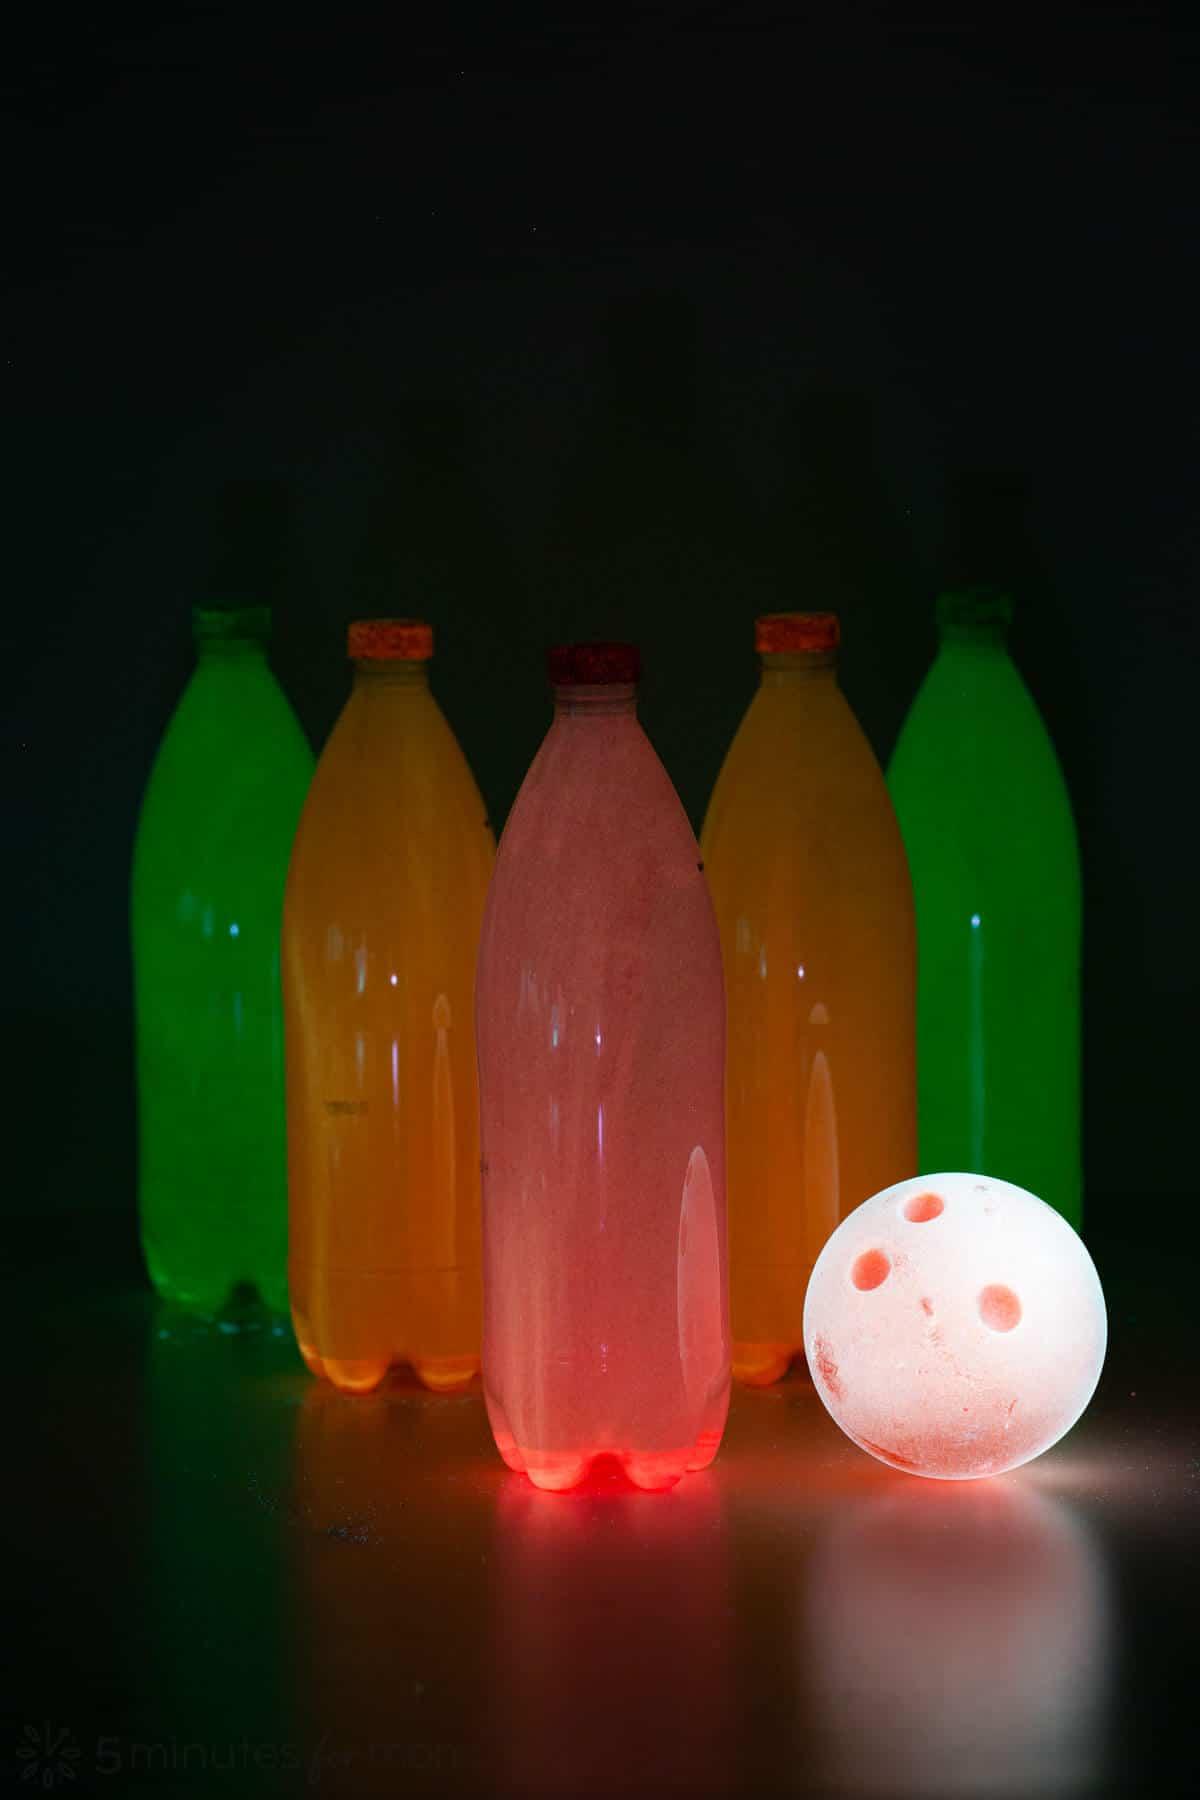 Neon Glow Bowling Pins